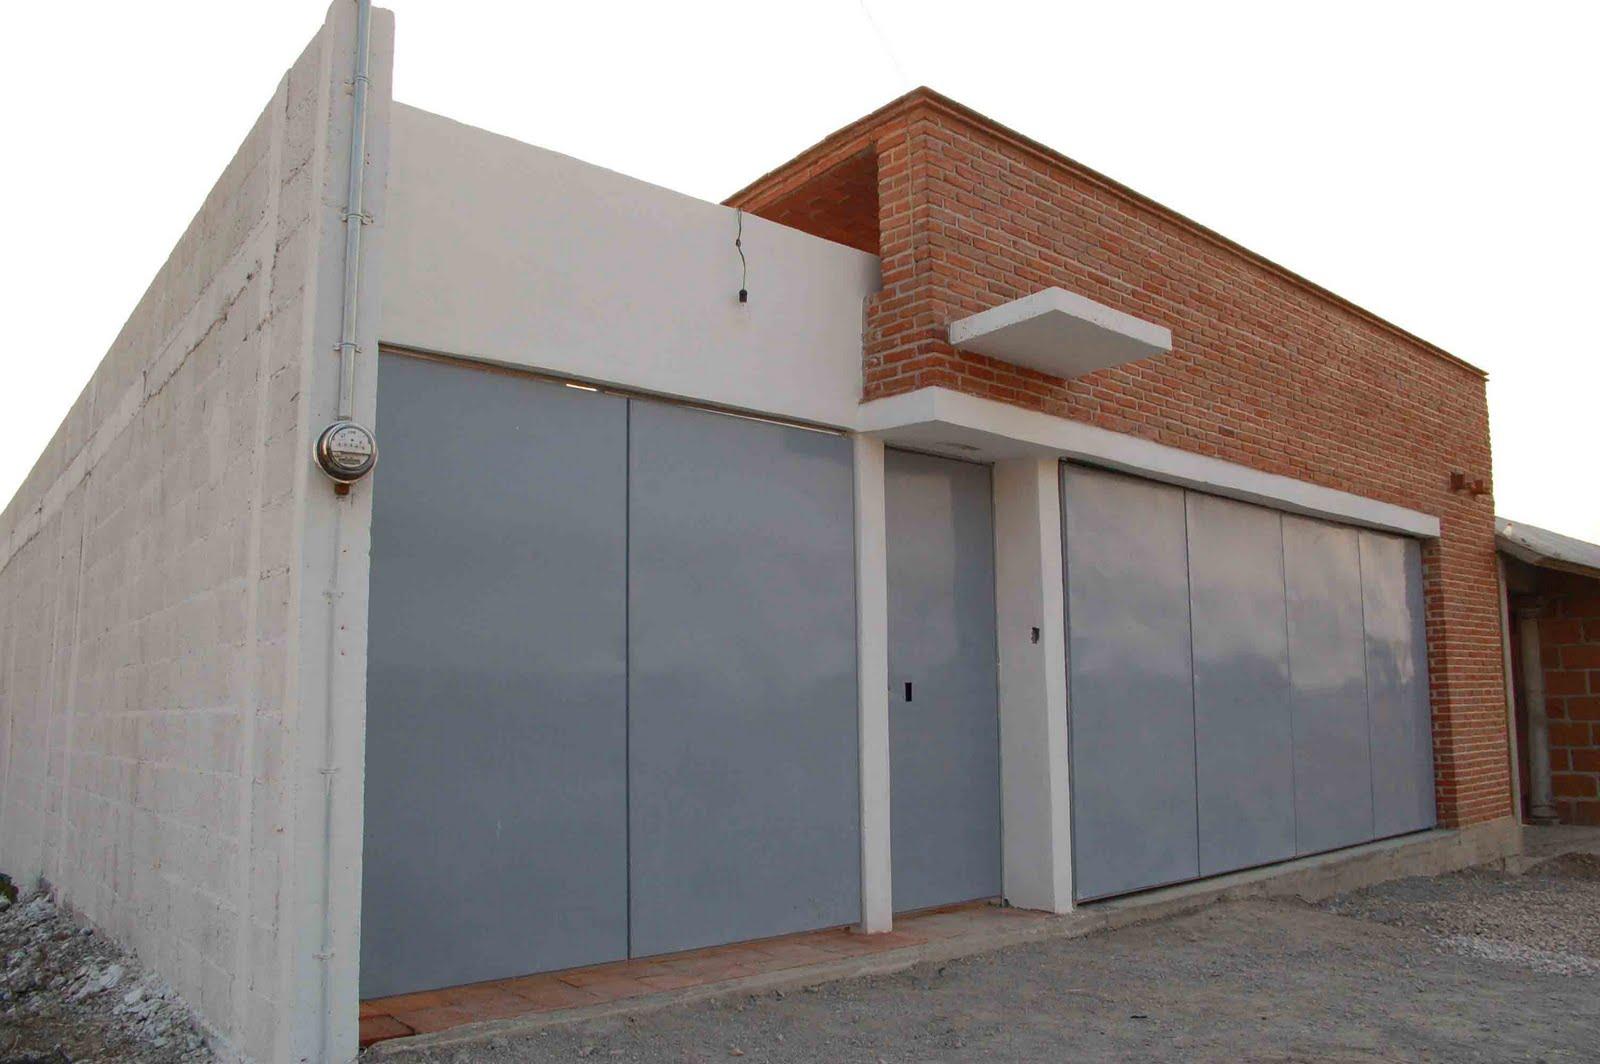 Se vende casa nueva estilo minimalista en cuautla morelos for Casa nueva minimalista